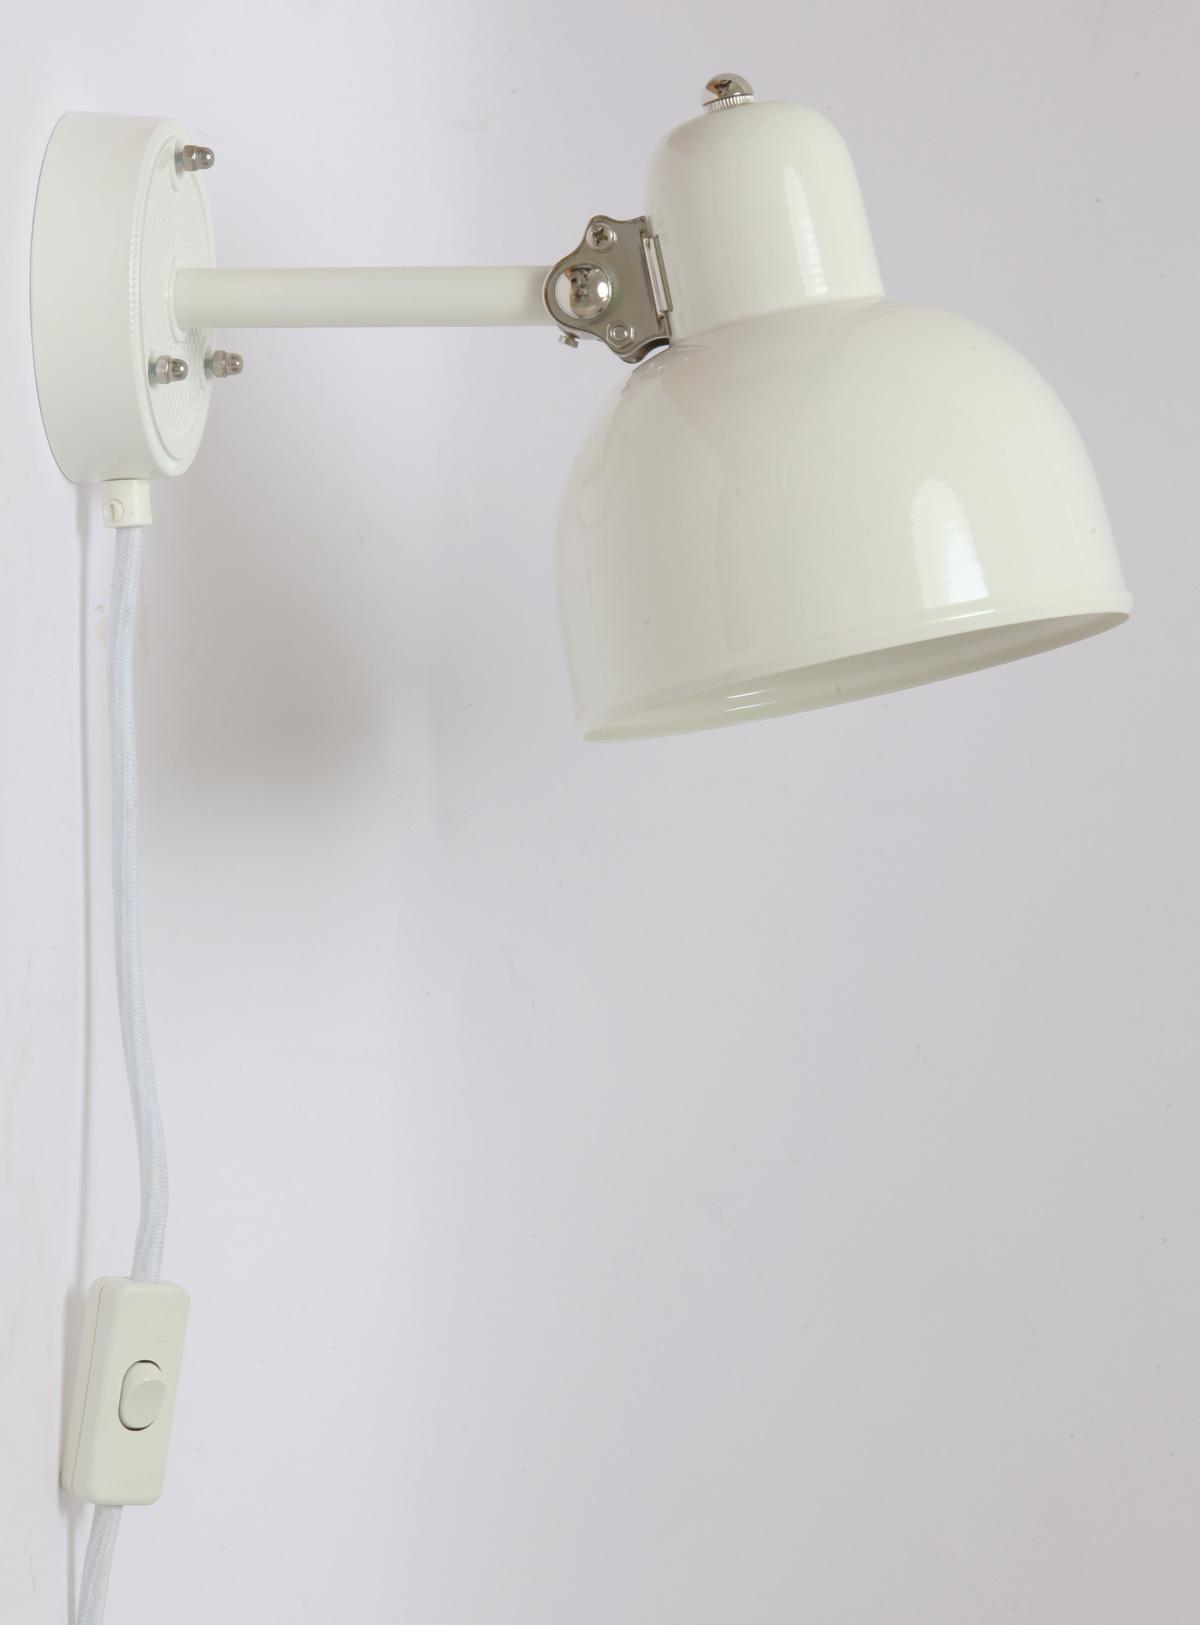 Weiße Küchen-Wandleuchte mit Gelenk DUISBURG - Casa Lumi